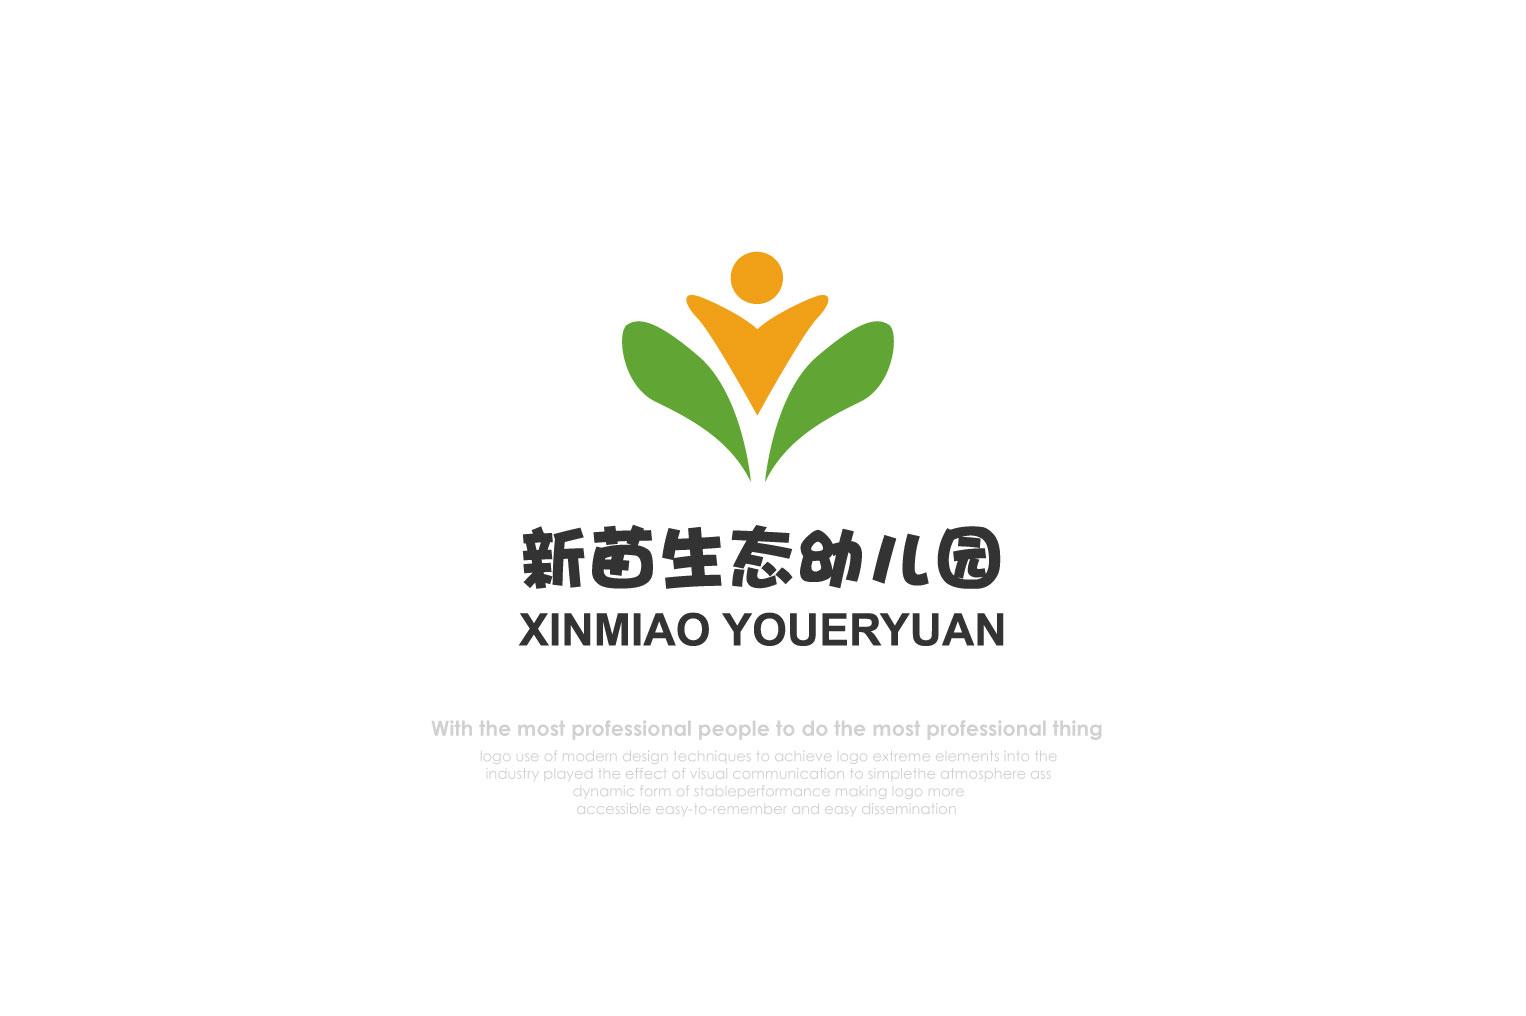 新苗生态幼儿园园徽(标志)设计